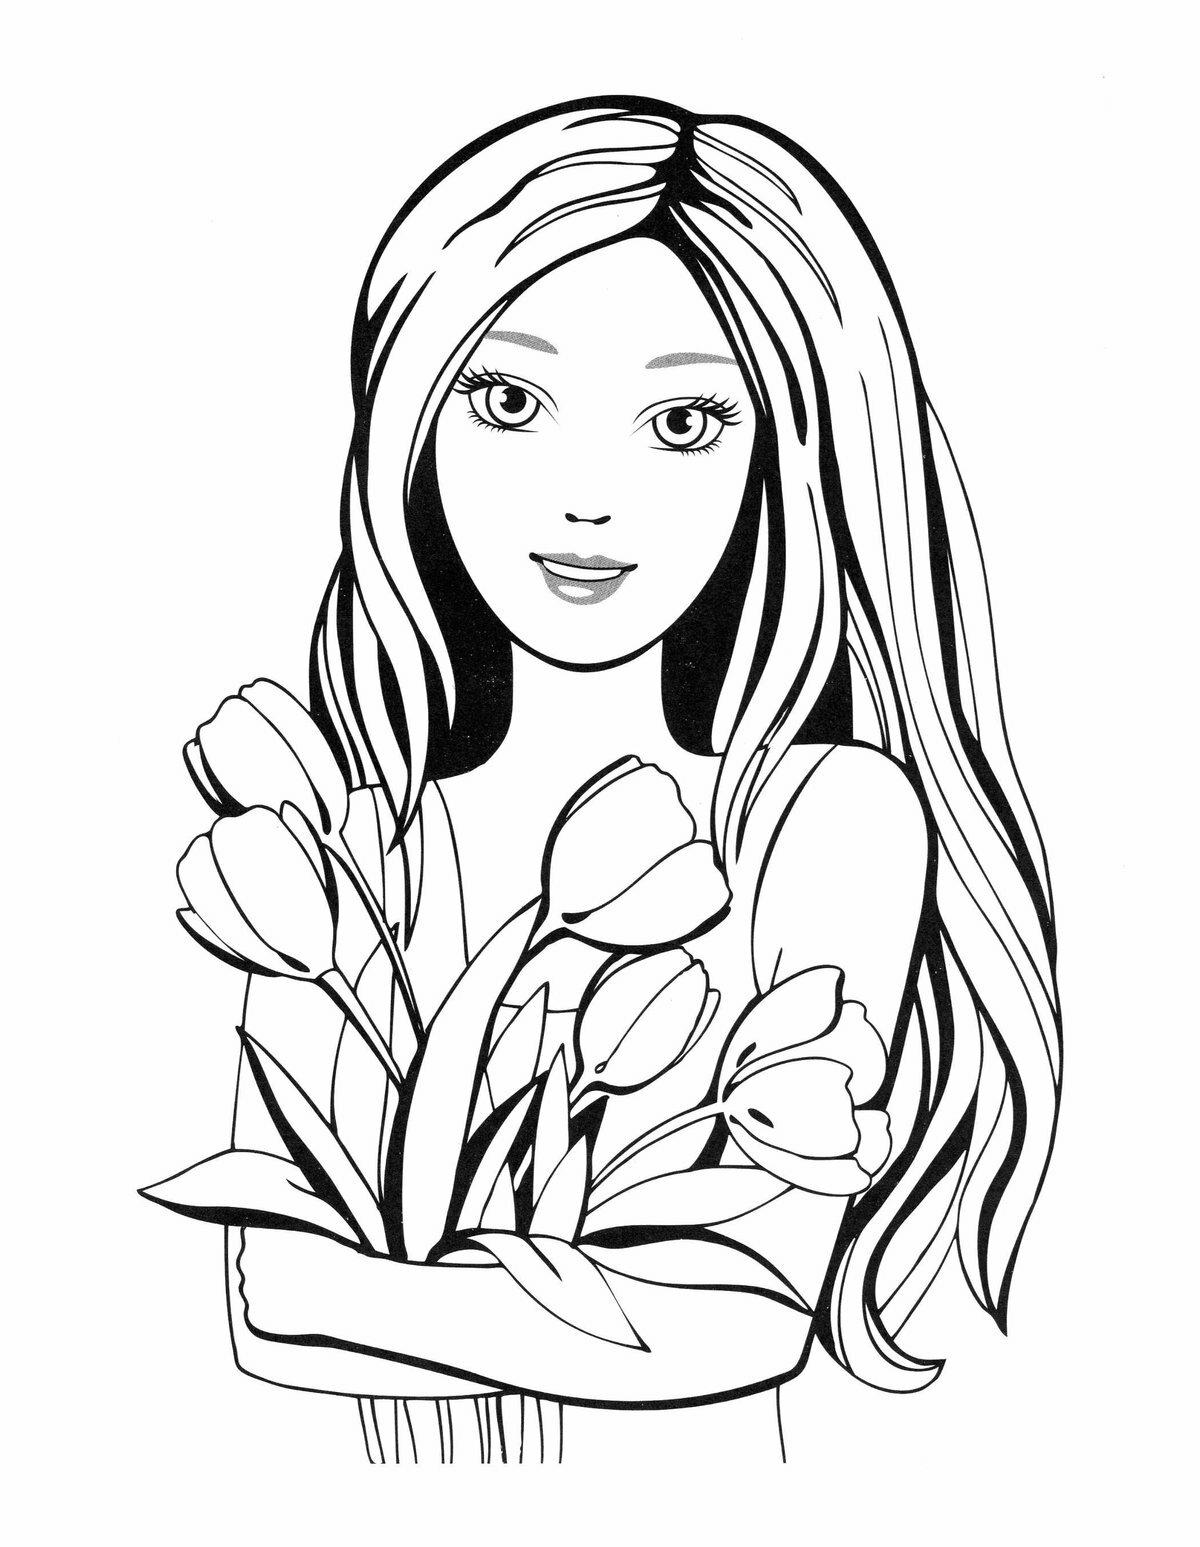 Картинки с красивыми девочками раскраска